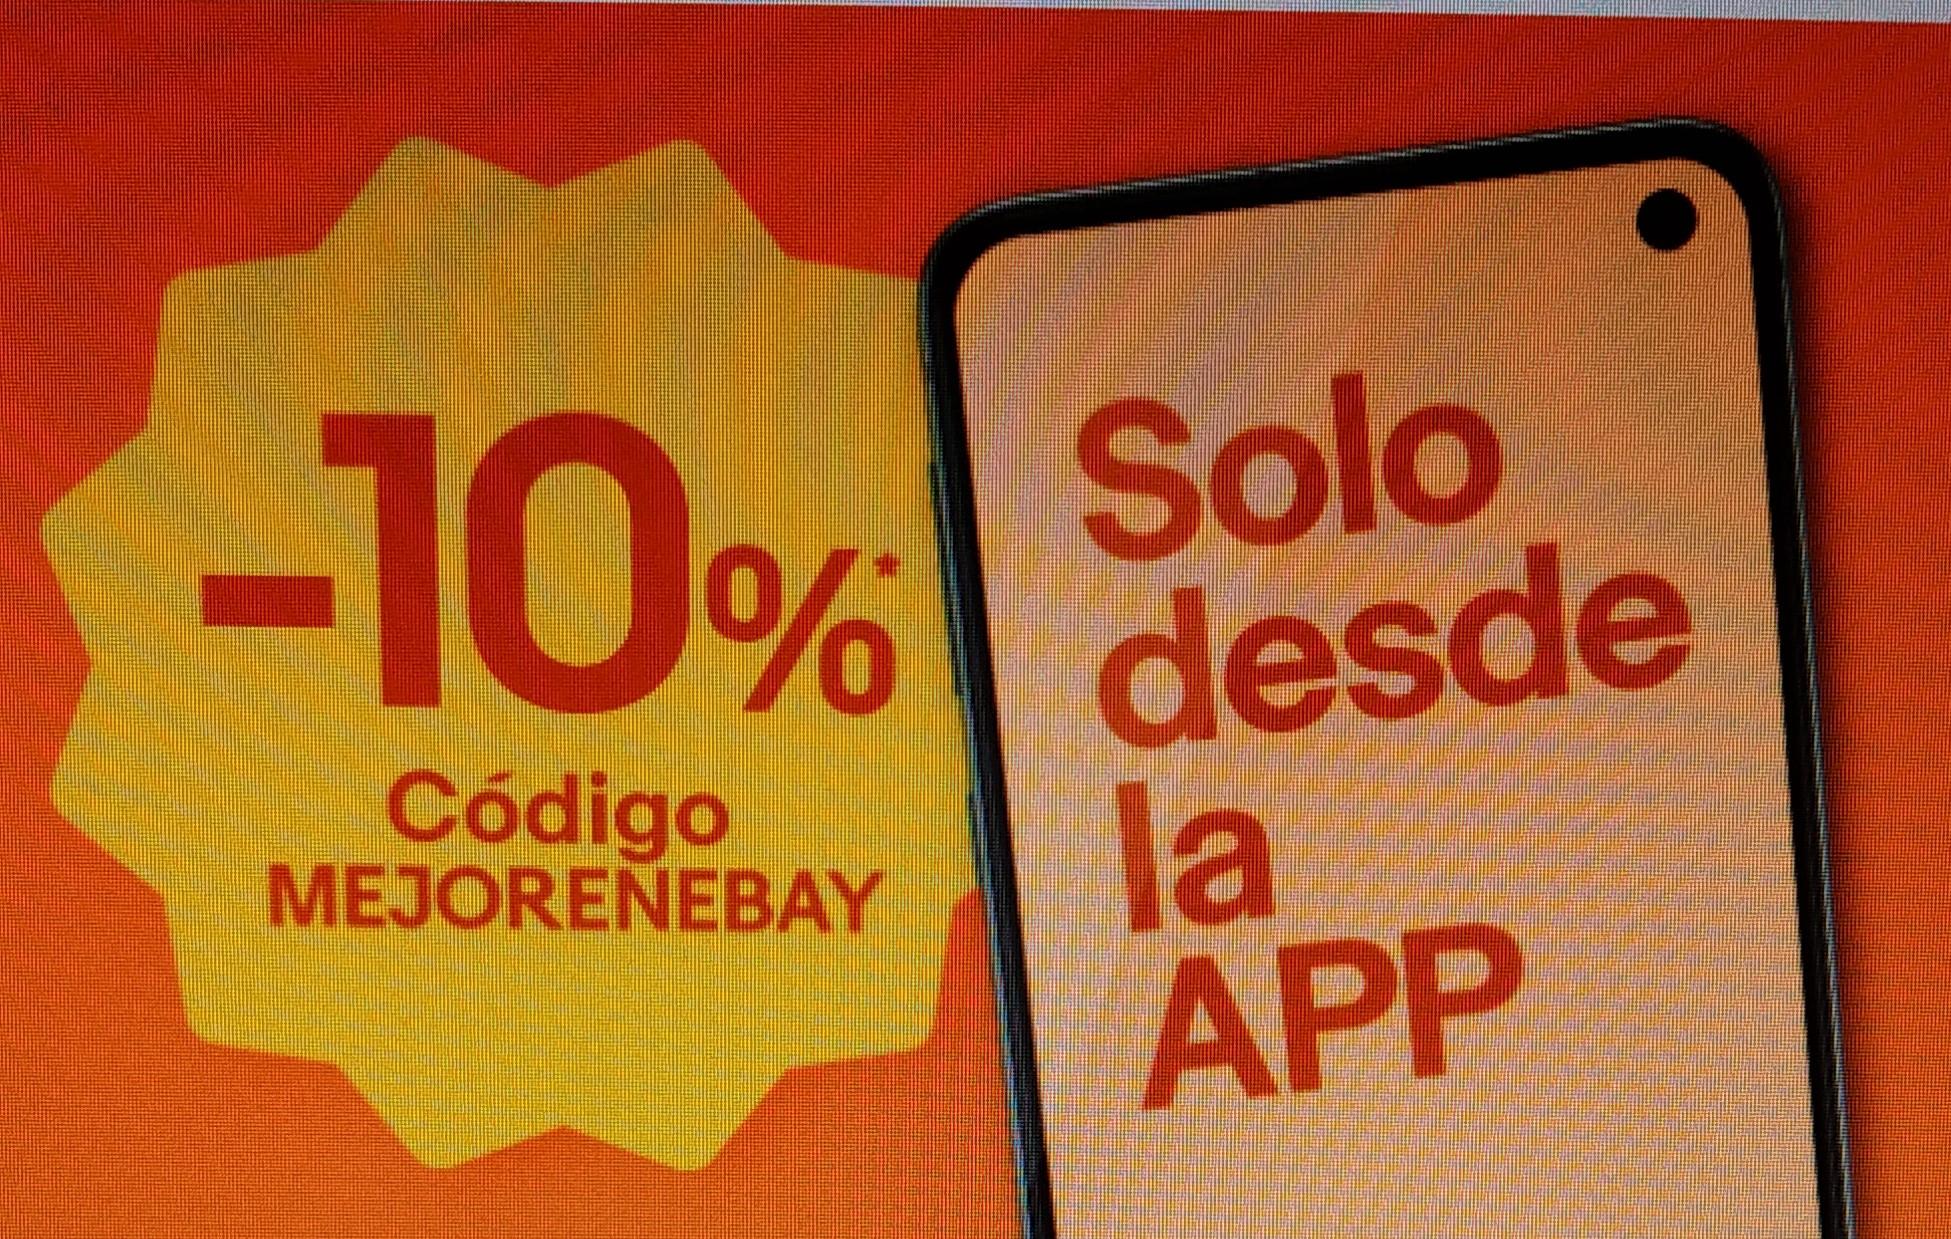 10% Descuento el todo Ebay (máximo 50€ descuento)